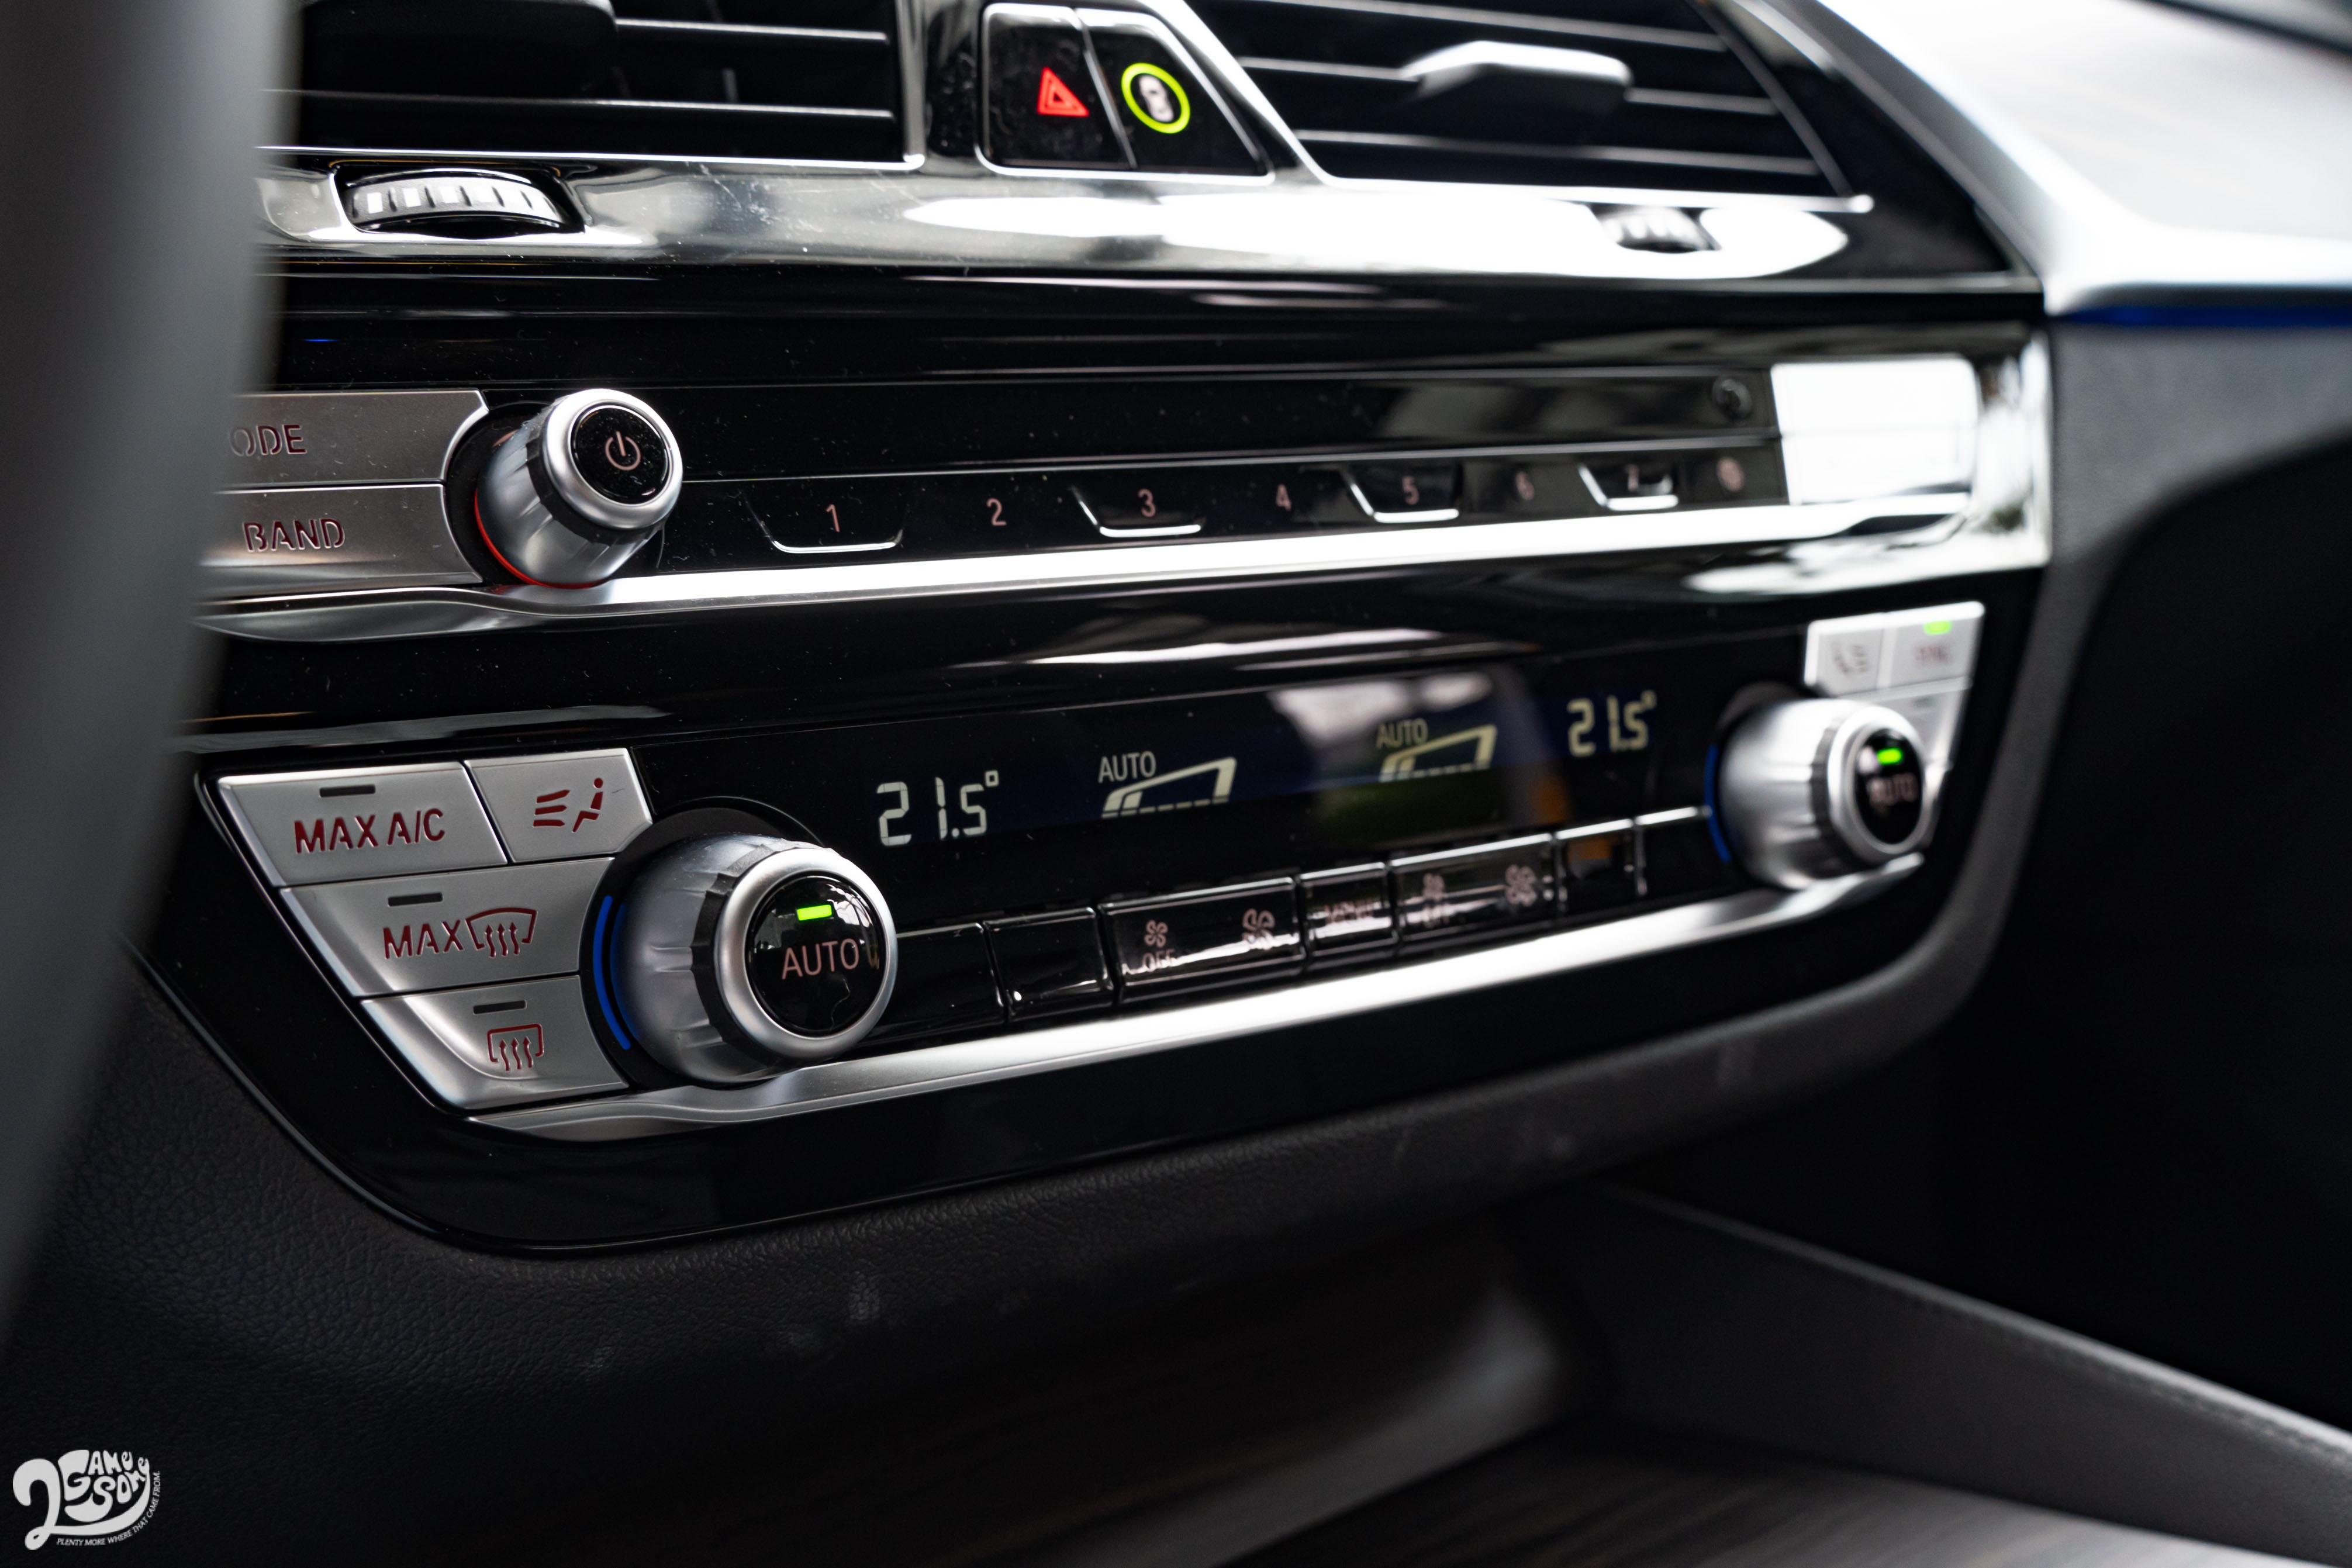 雙區恆溫空調、行車模式切換、音量調整等控制項目則保留實體旋鈕和按鍵